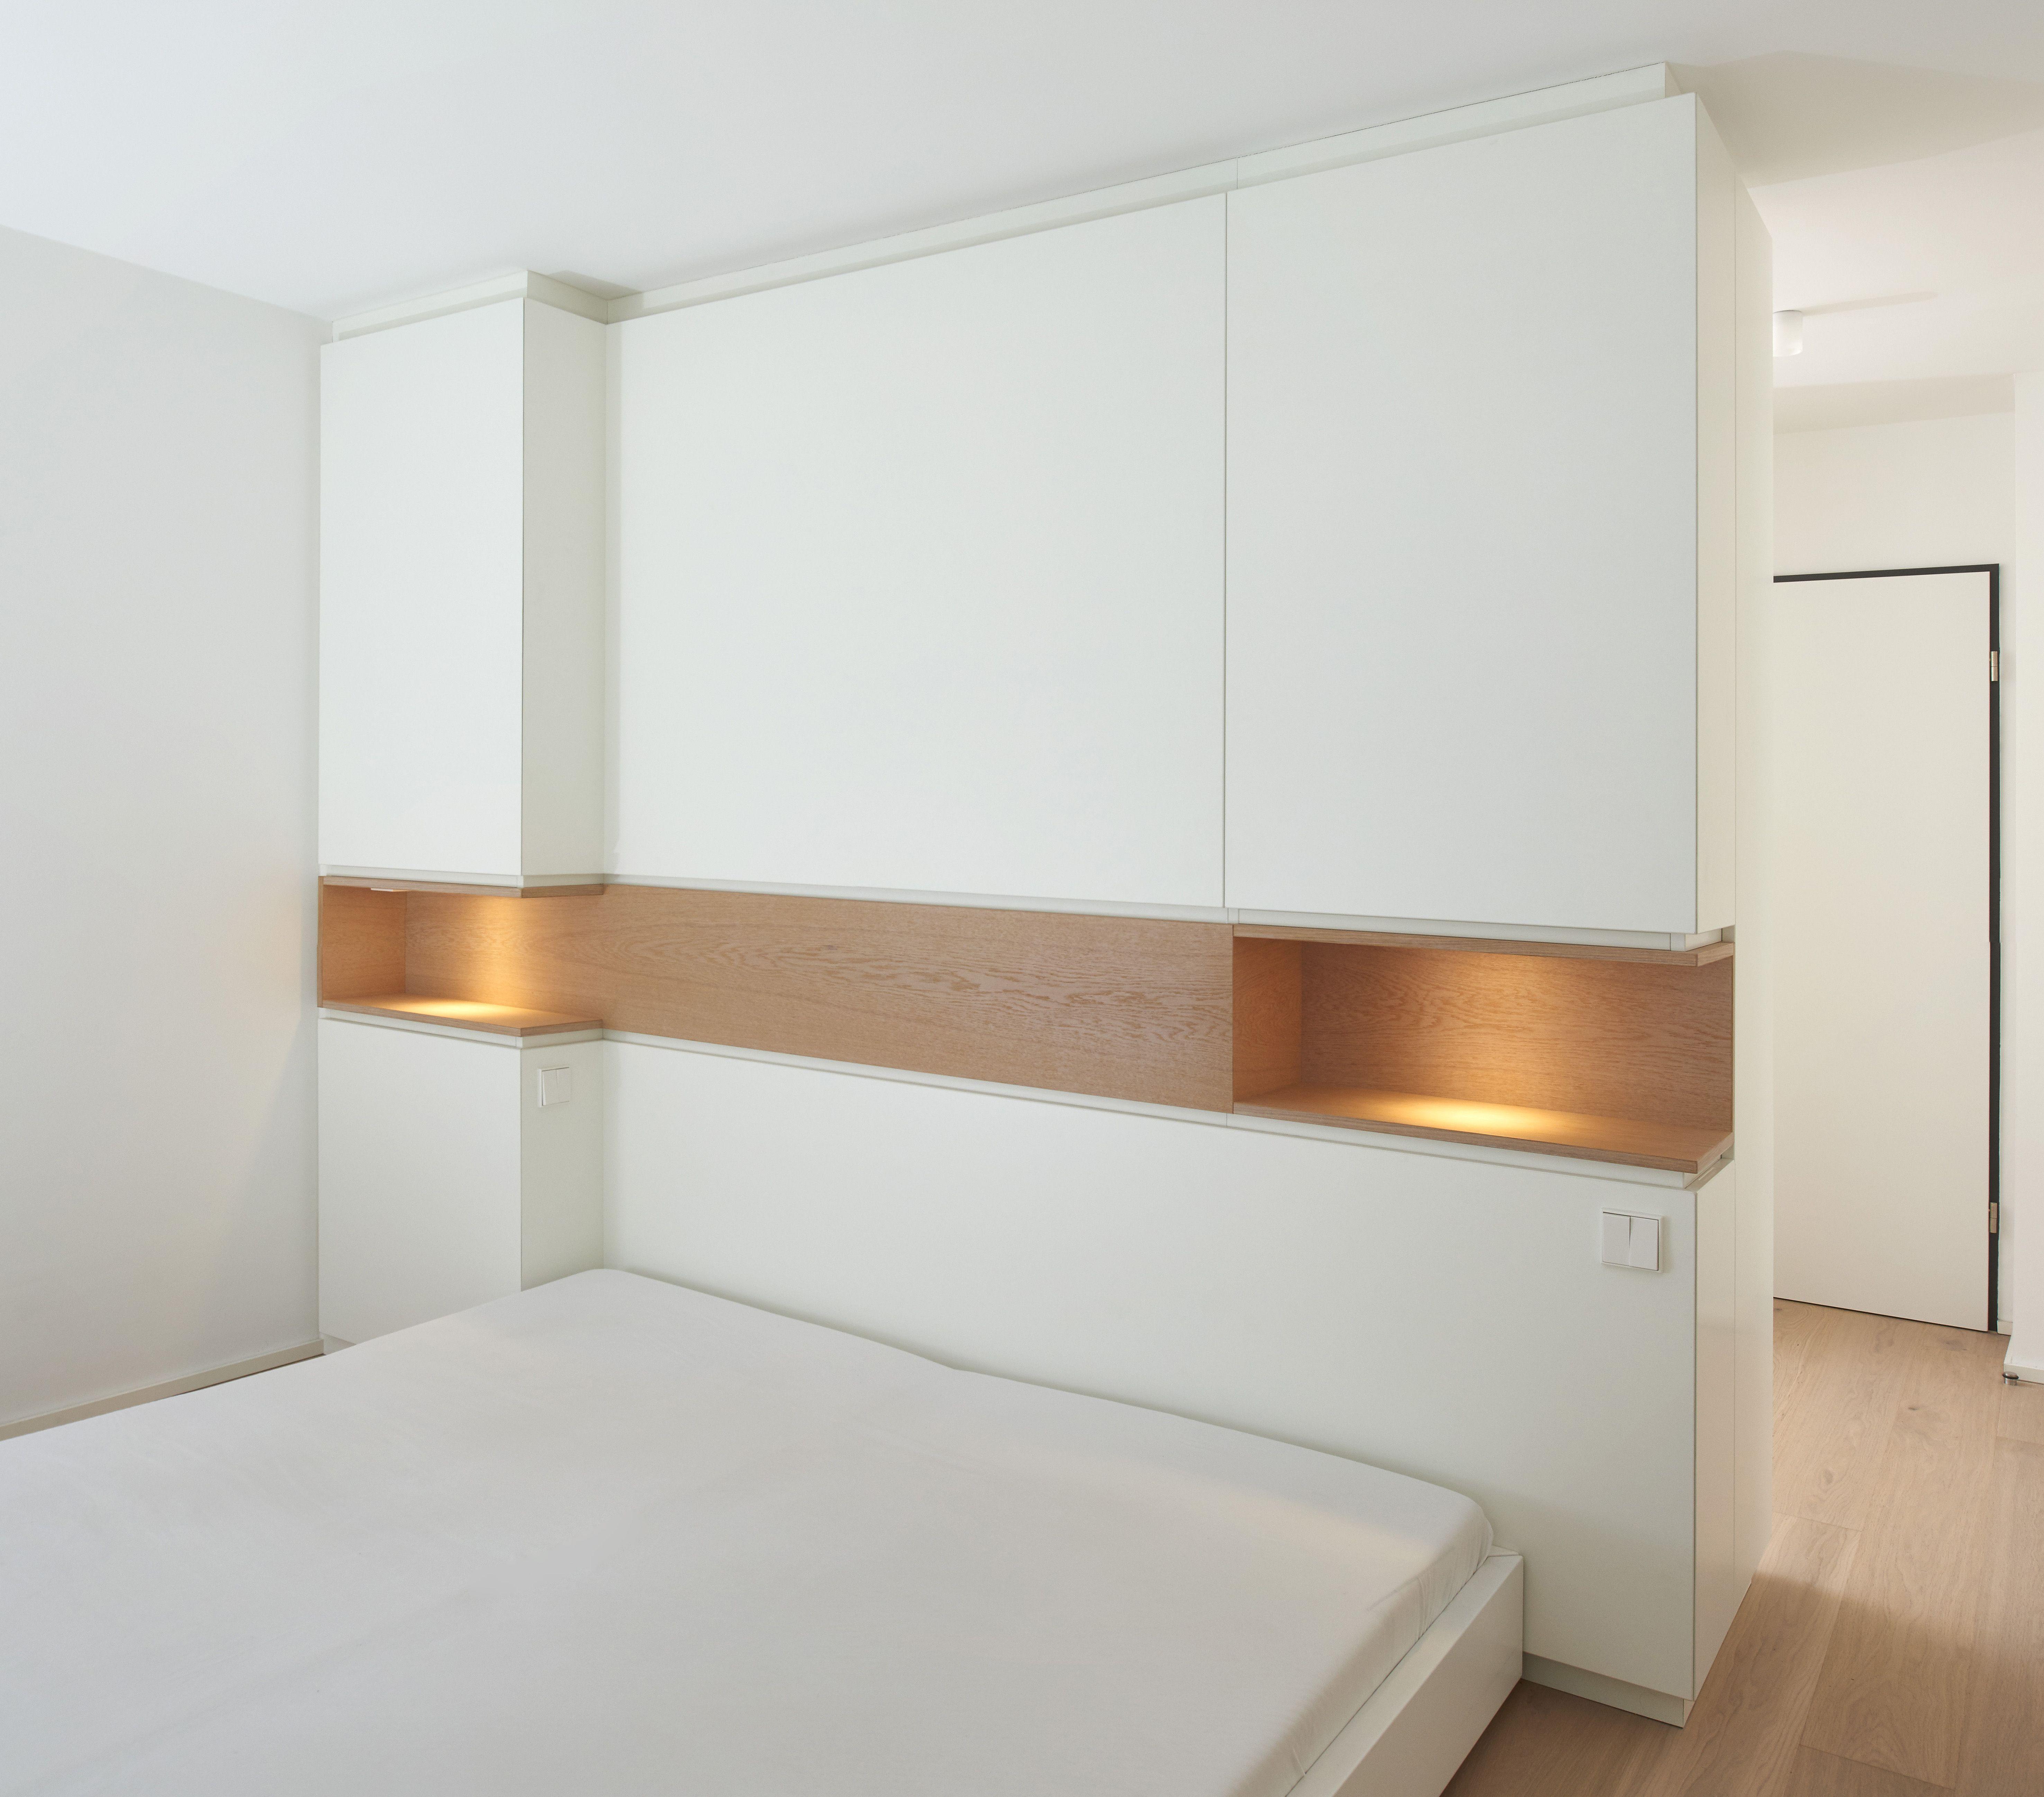 Der Raumteiler In Diesem Schlafzimmer Dient Als Kleiderschrank Und